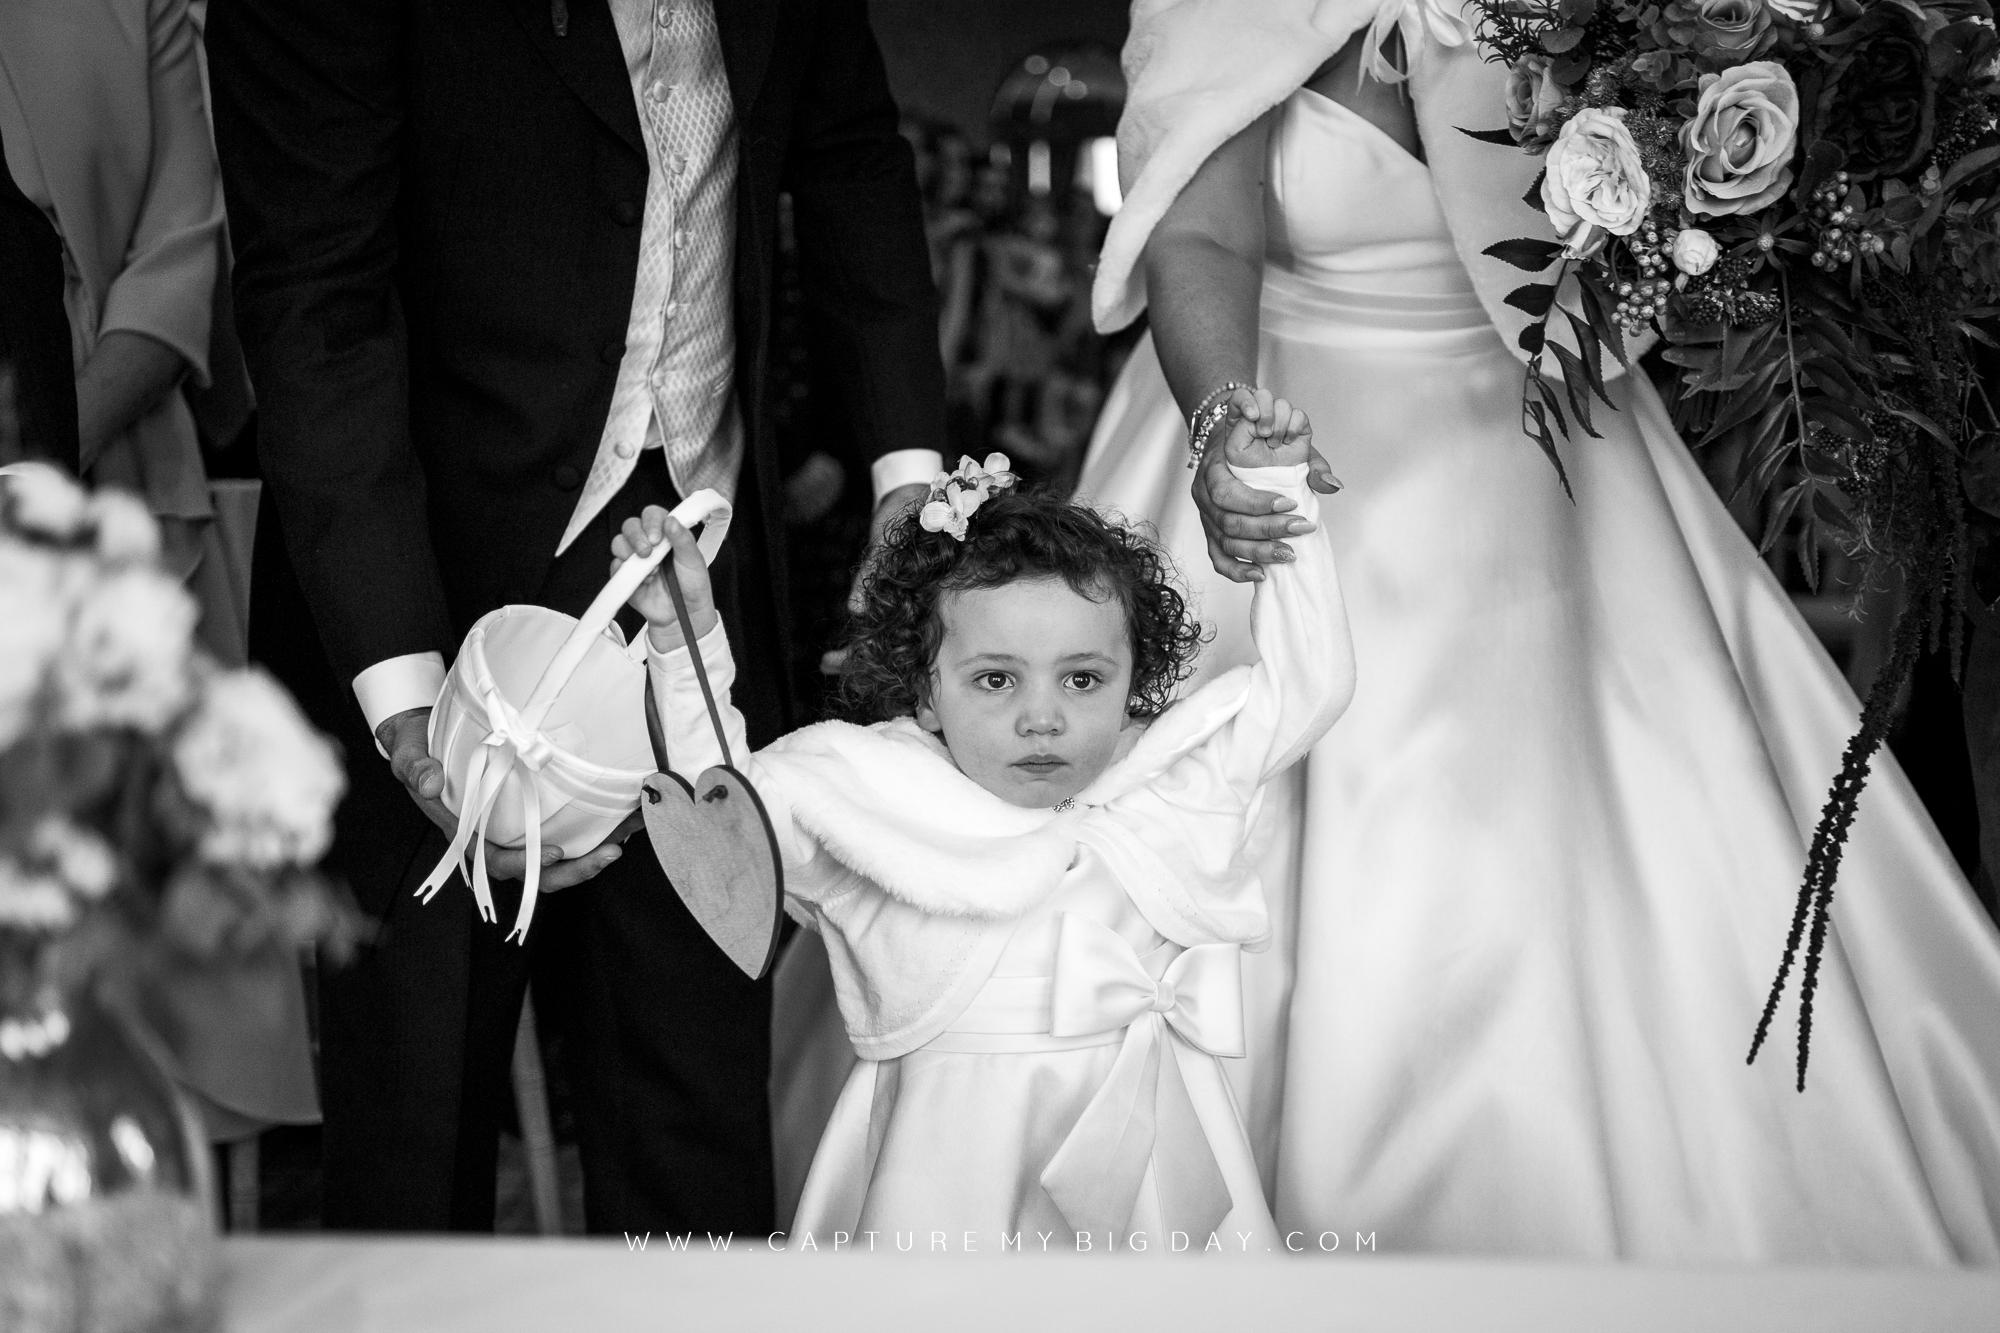 Flower girl holding onto bride